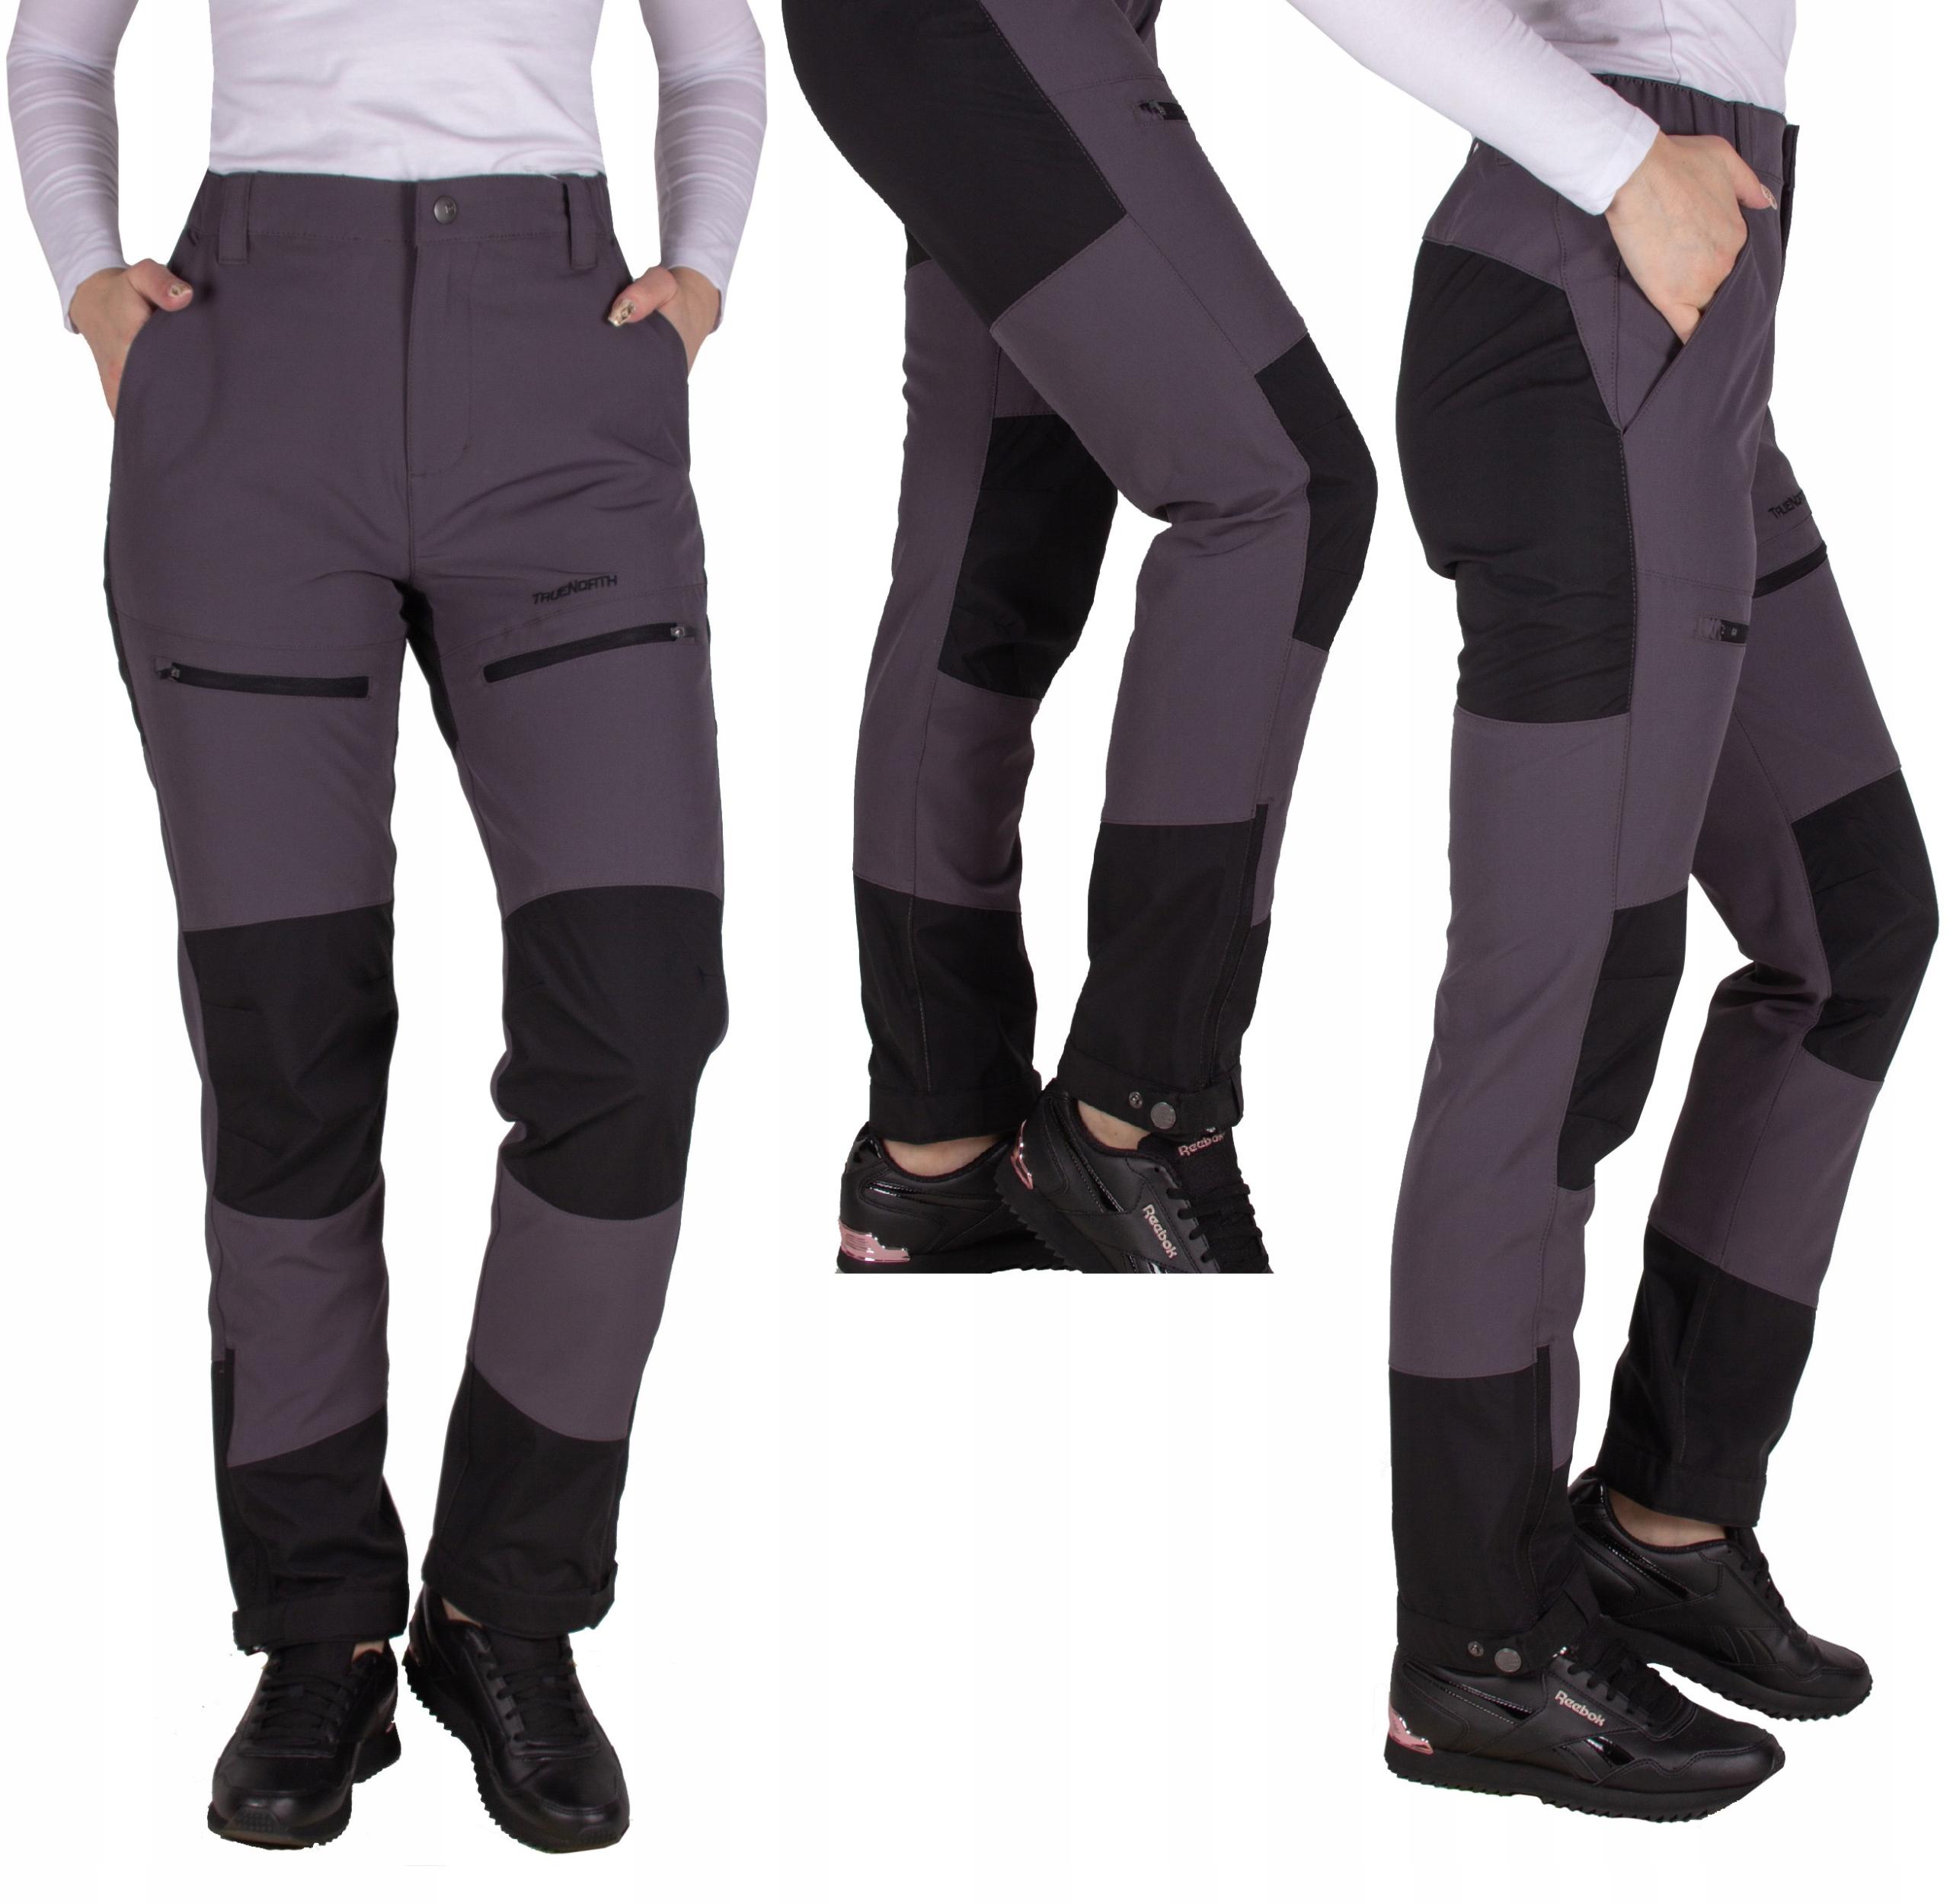 spodnie damskie TREKKINGOWE turystyczne STRECZ XL